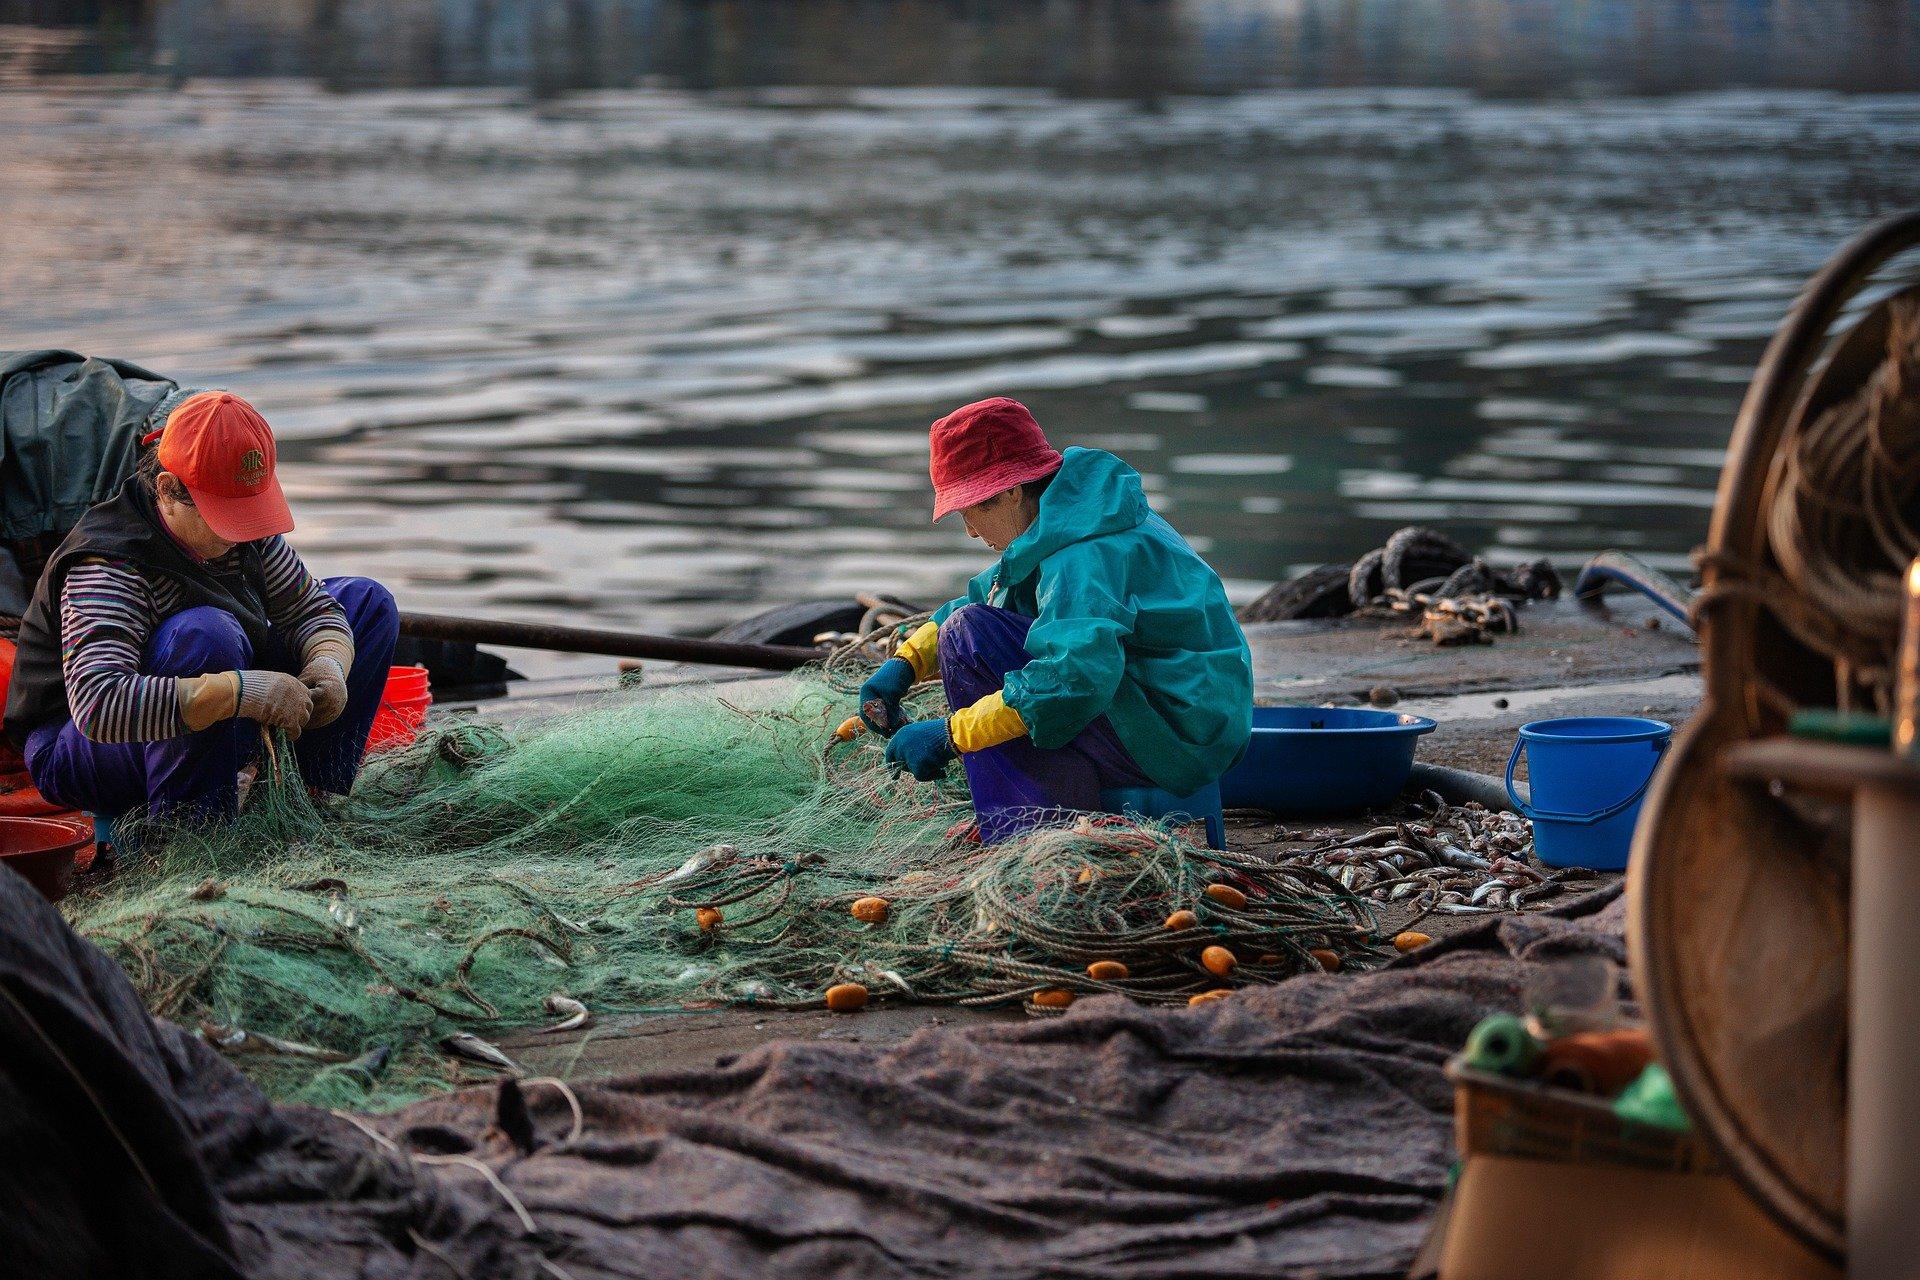 Anglers Mending Fishing Net